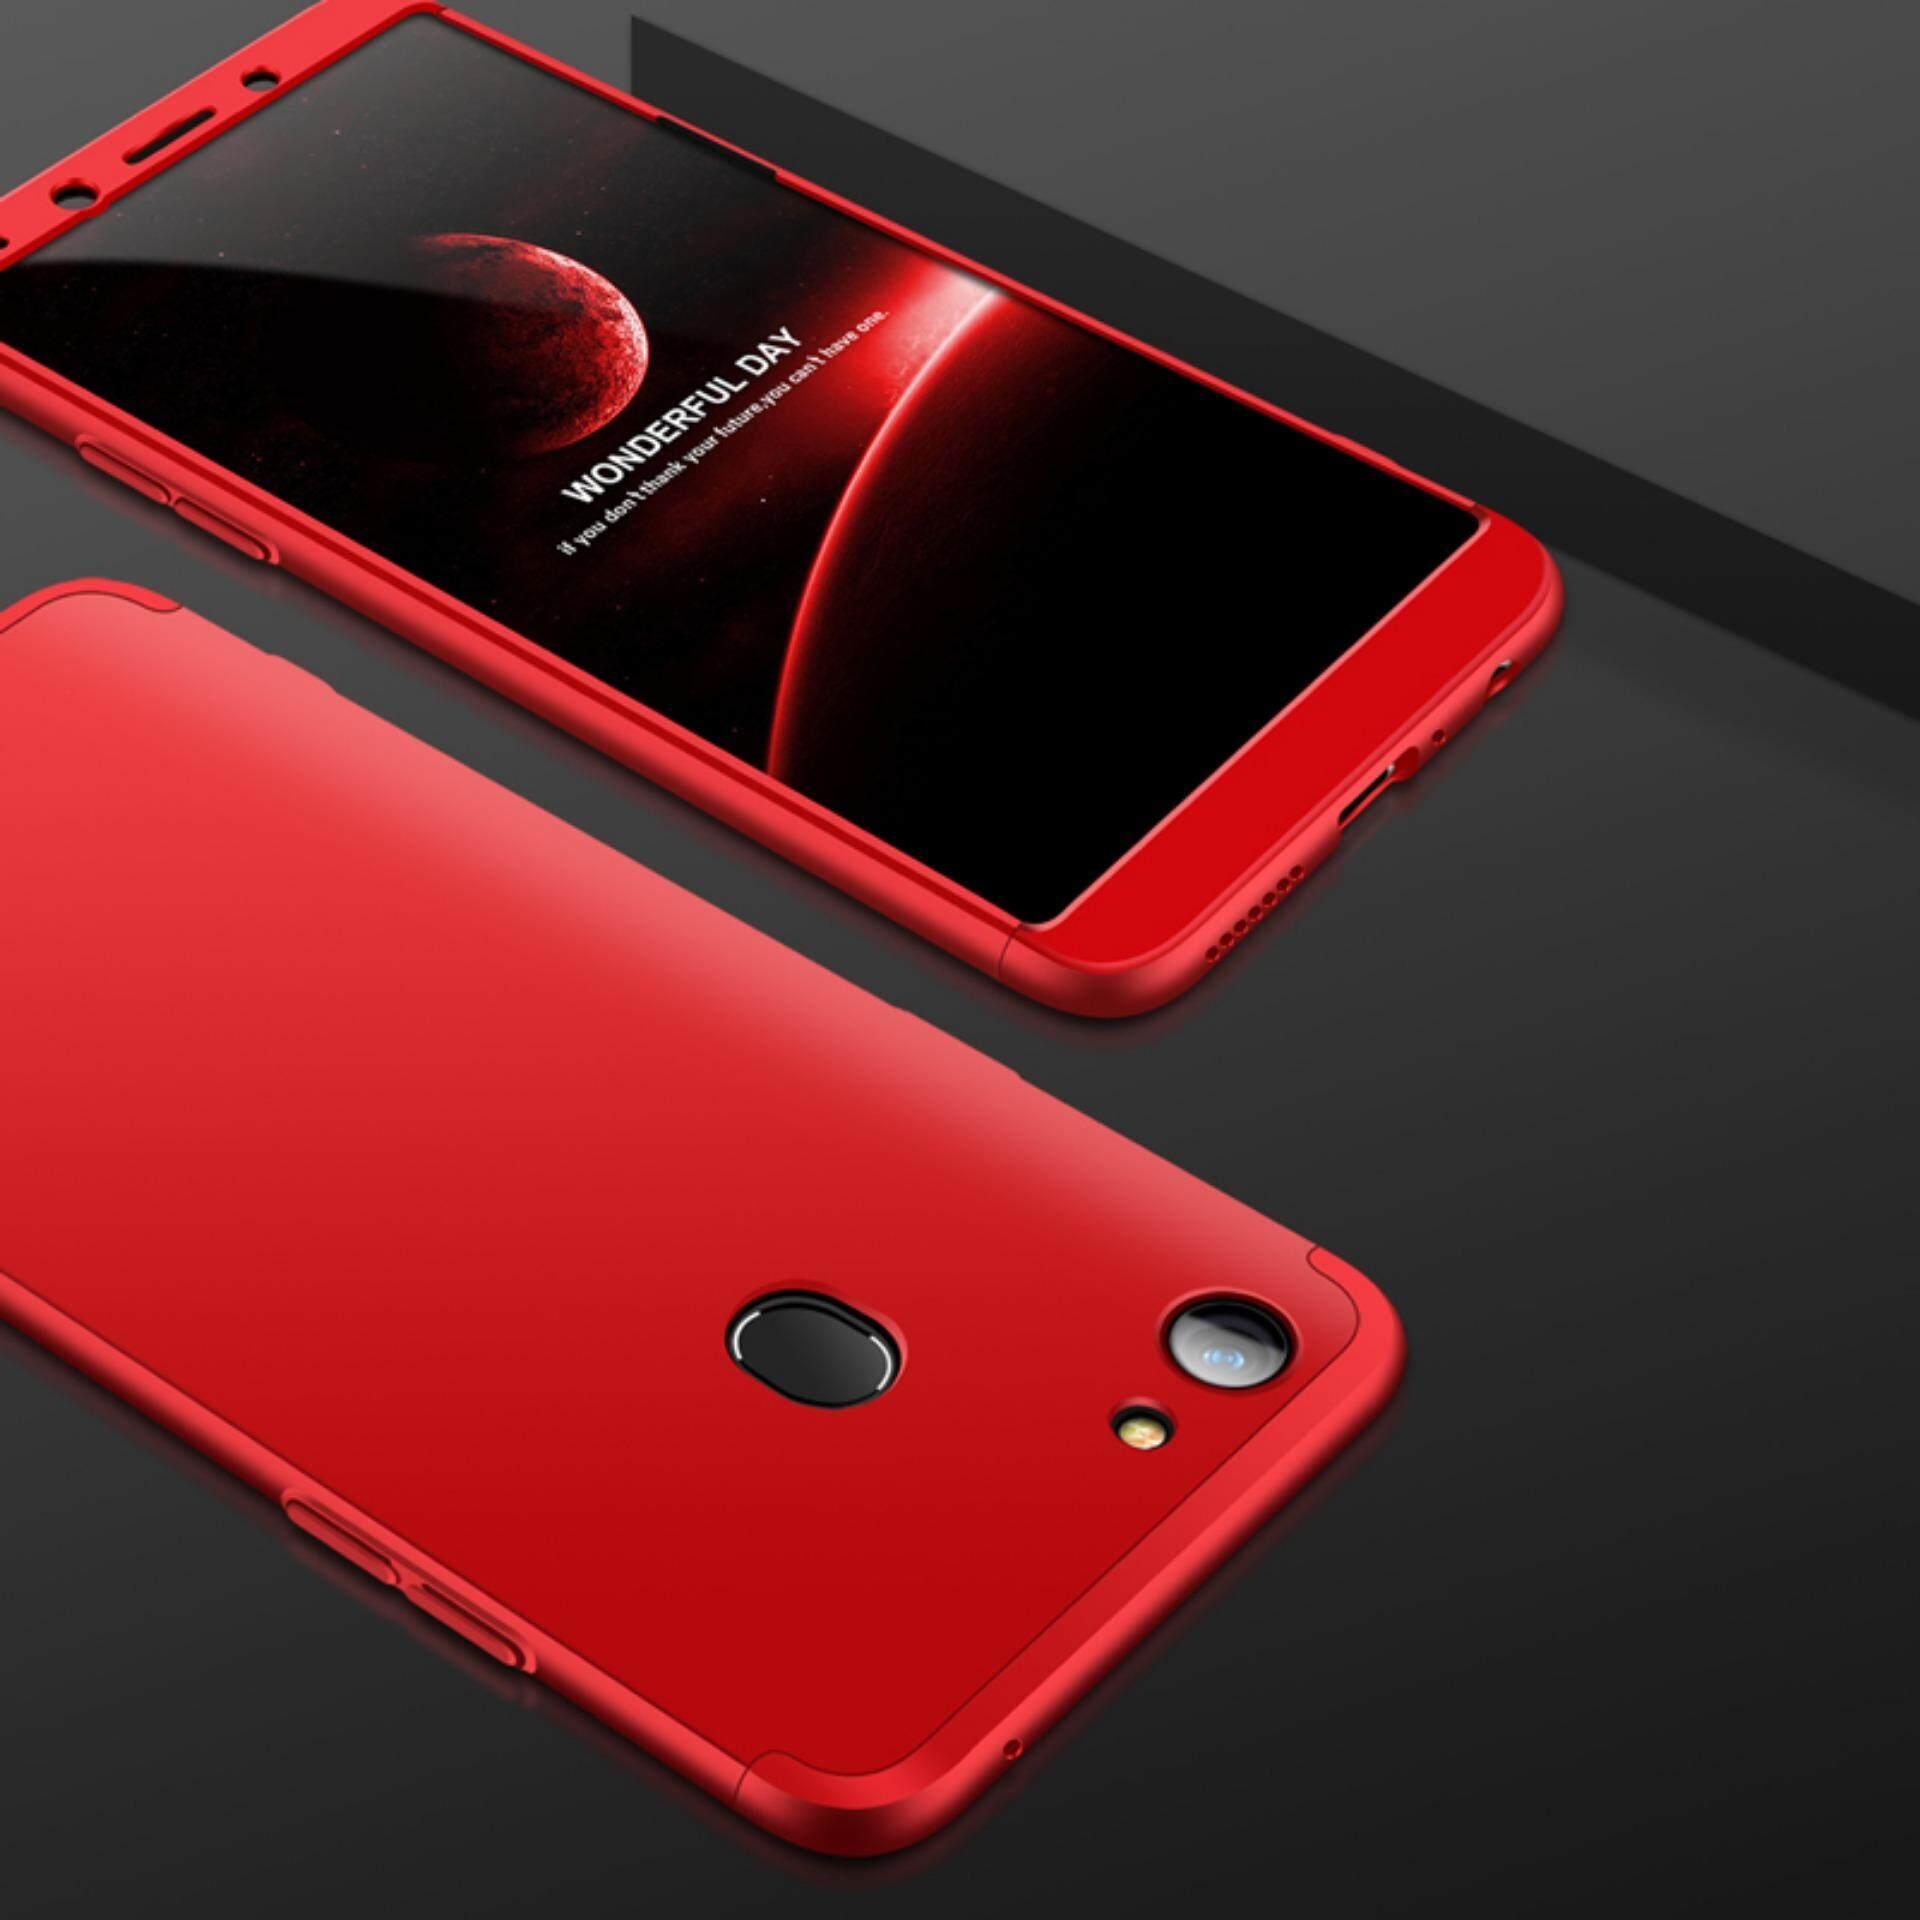 360 Derajat Penuh Sarung 3in1 Kombo Telepon Case untuk Oppo F5 Remaja-Internasional